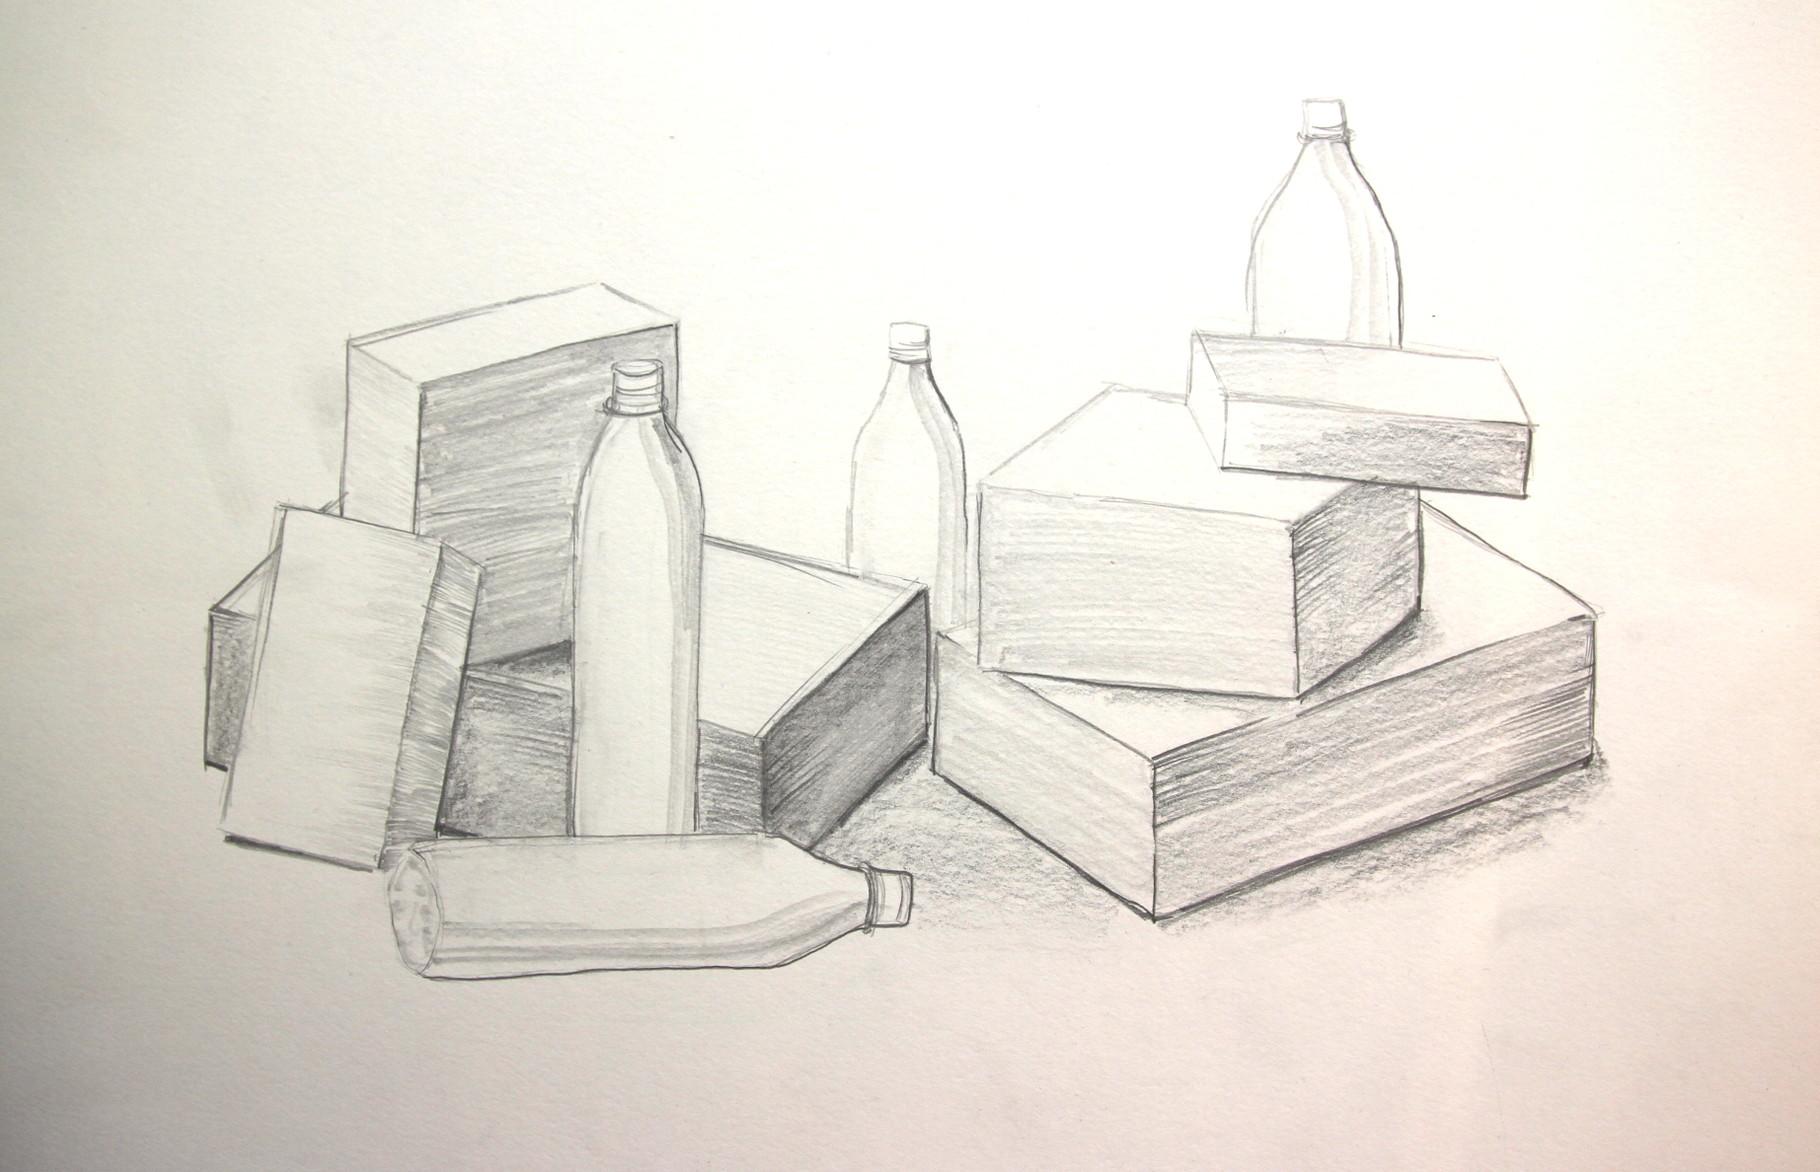 Arrangement mit Kartons und Flaschen (Zeichenpapier, 30x40cm)